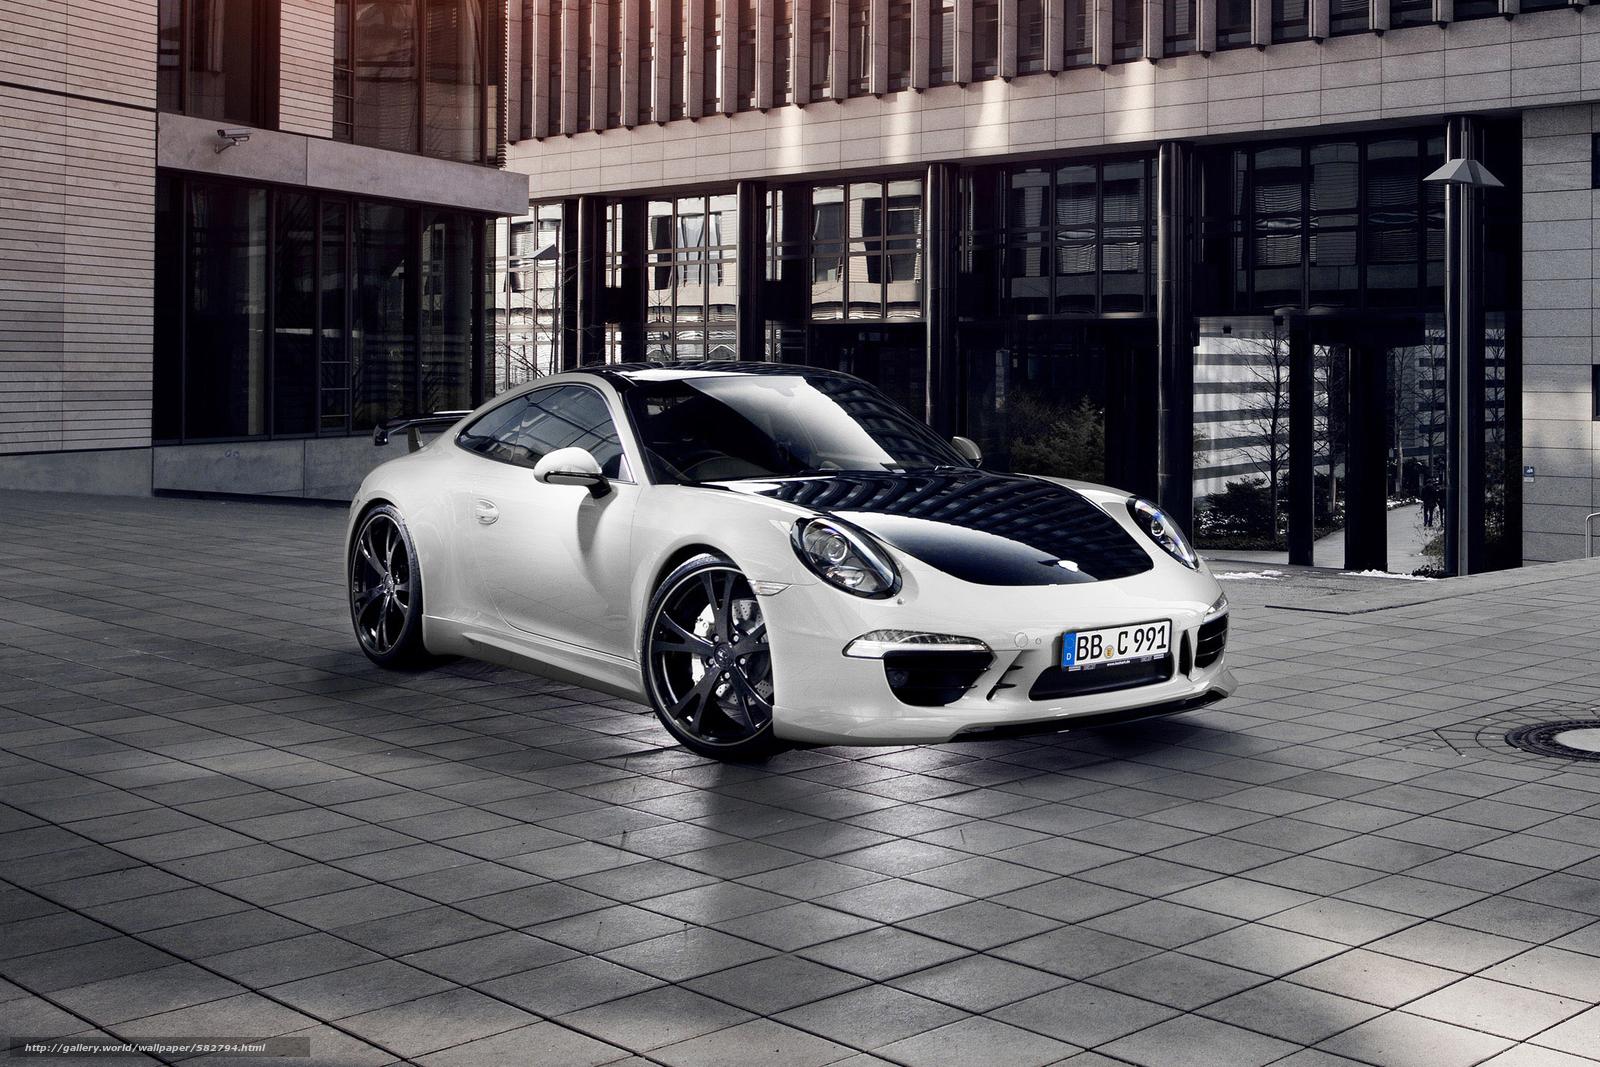 Скачать обои Porsche бесплатно для рабочего стола в разрешении 2100x1400 — картинка №582794